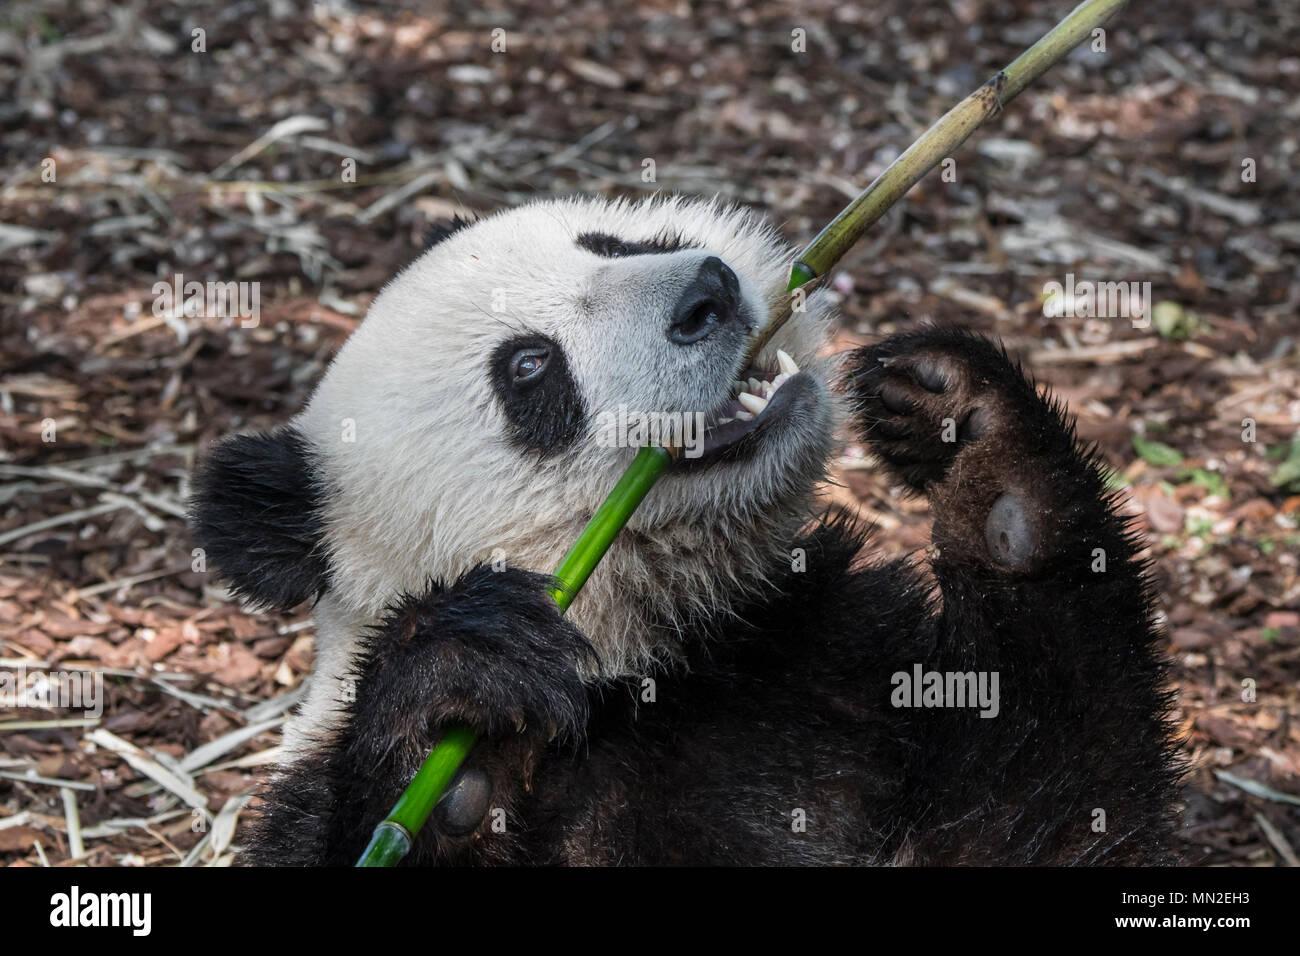 Giovani due anni panda gigante (Ailuropoda melanoleuca) cub di mangiare il bambù Foto Stock